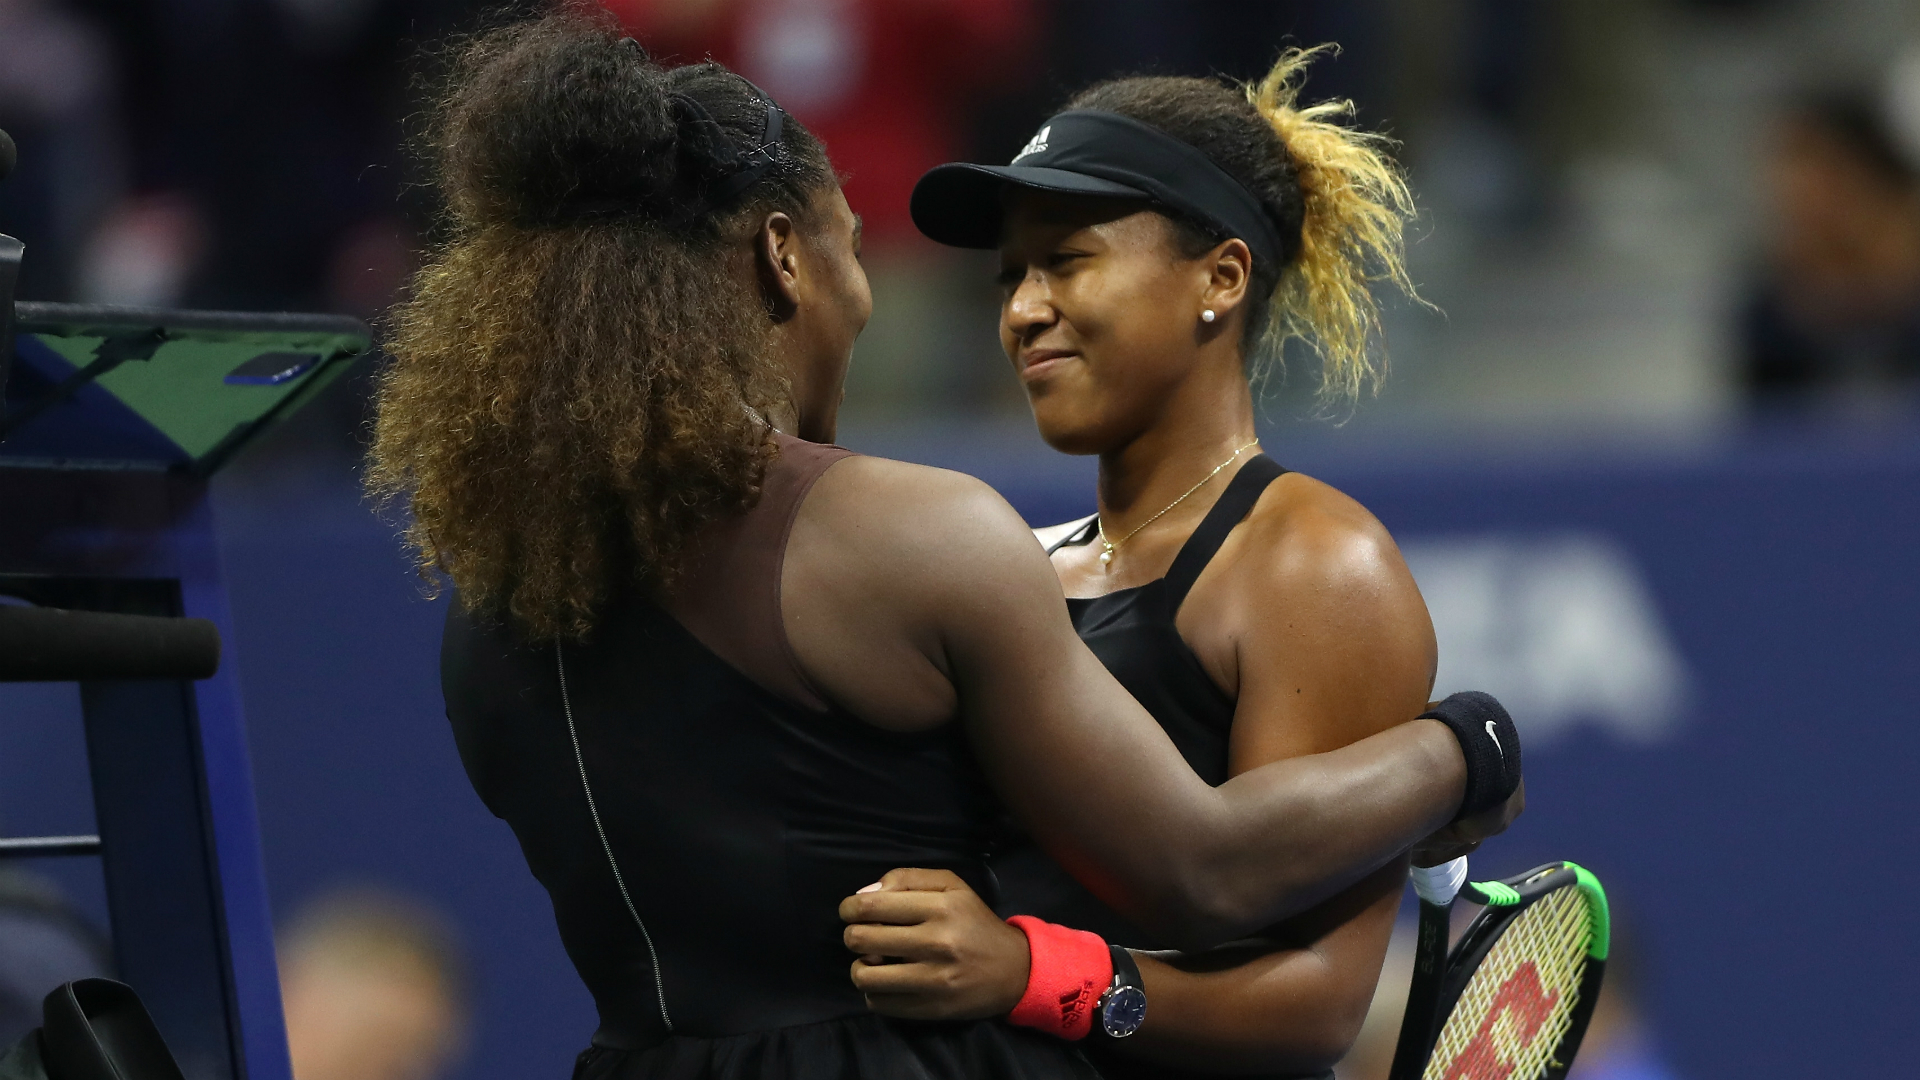 Osaka surpasses Serena as highest-earning female athlete